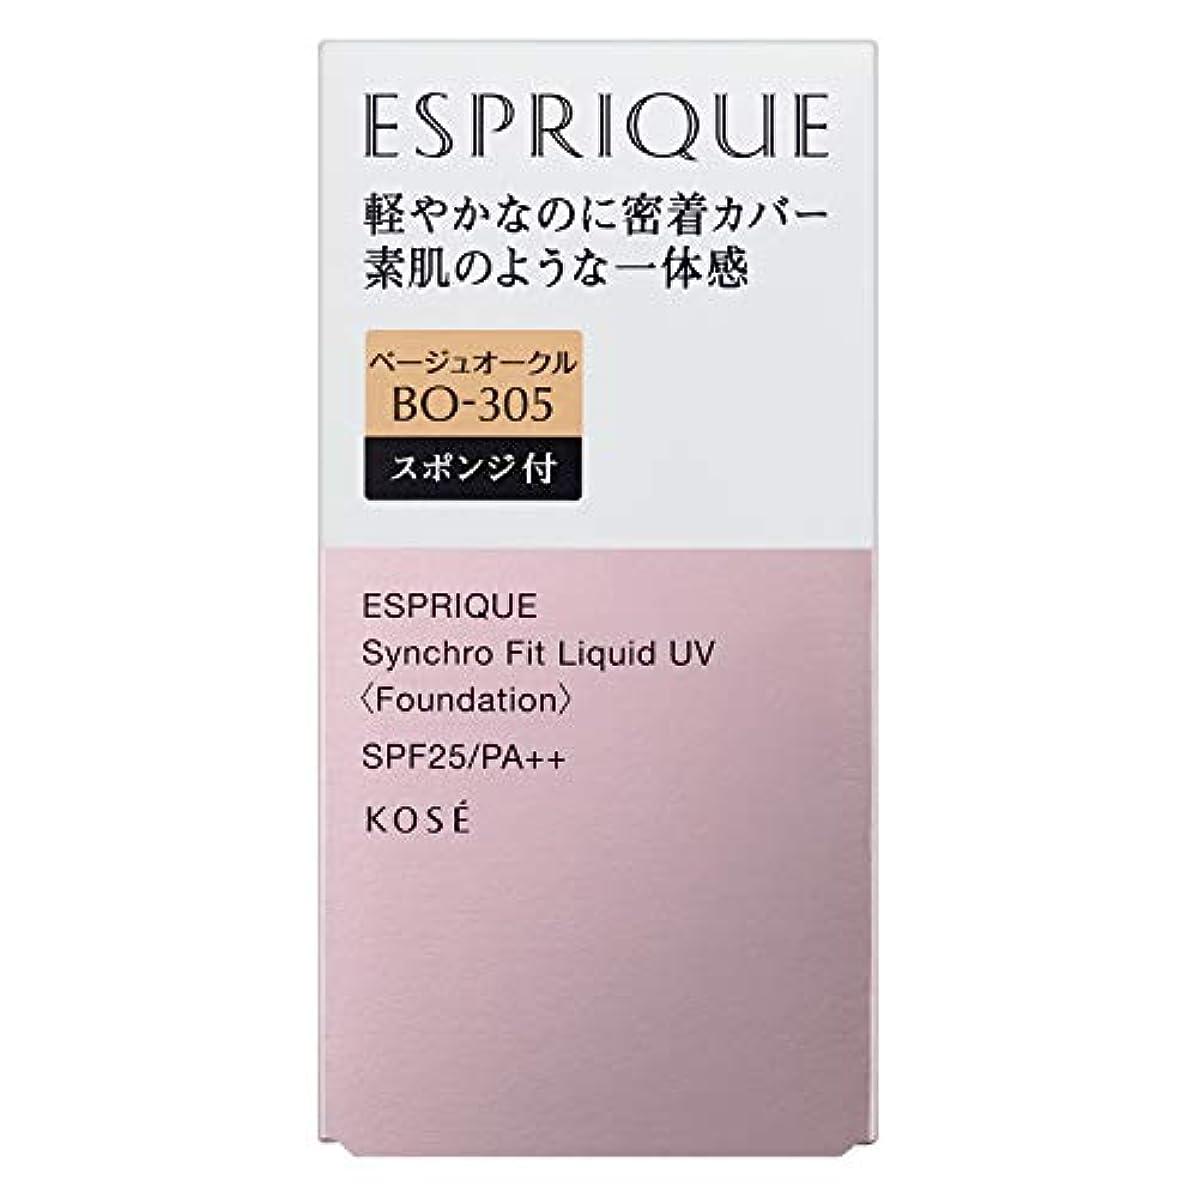 本を読む樹木攻撃的ESPRIQUE(エスプリーク) エスプリーク シンクロフィット リキッド UV ファンデーション 無香料 BO-305 ベージュオークル 30g